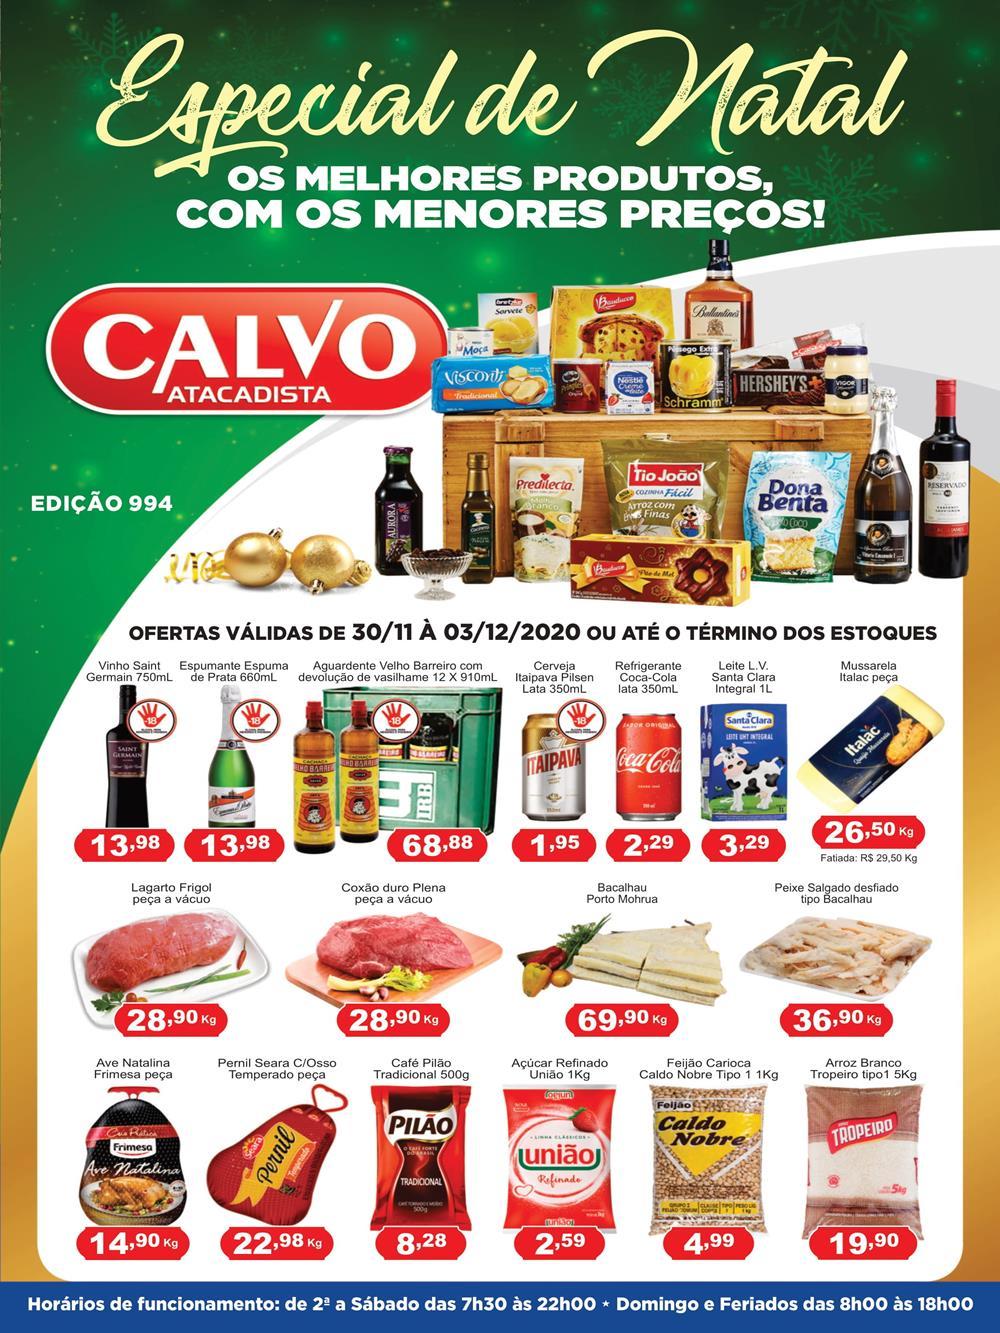 calvo-ofertas-descontos-hoje1-24 Black Friday Ofertas de supermercados